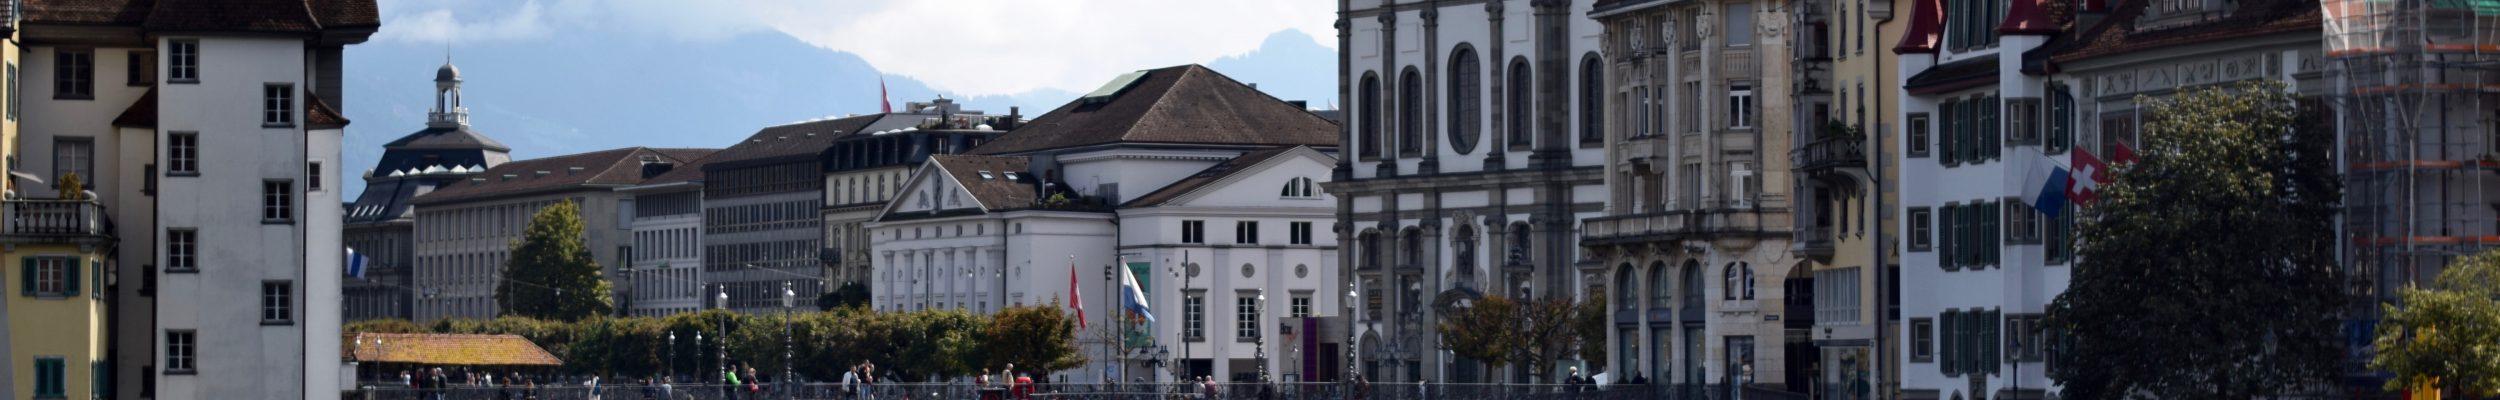 Lucerne, Switzerland Favorites + Where We Stayed